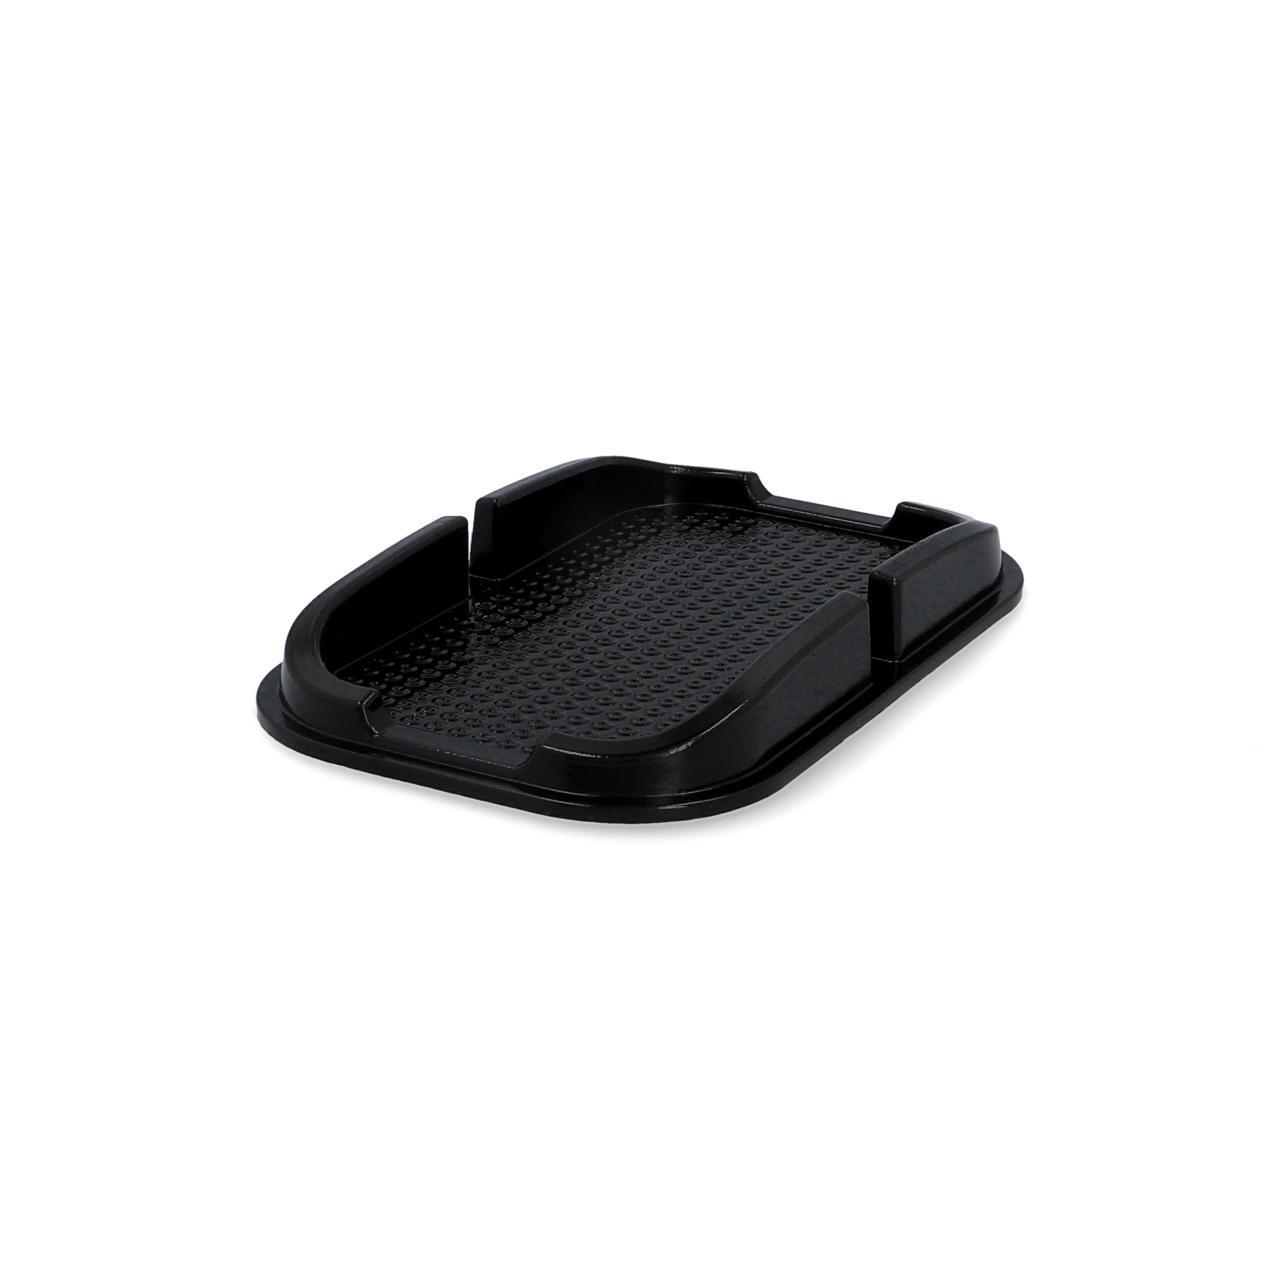 Anti-slip mat 10464 CARTREND 10464 original quality